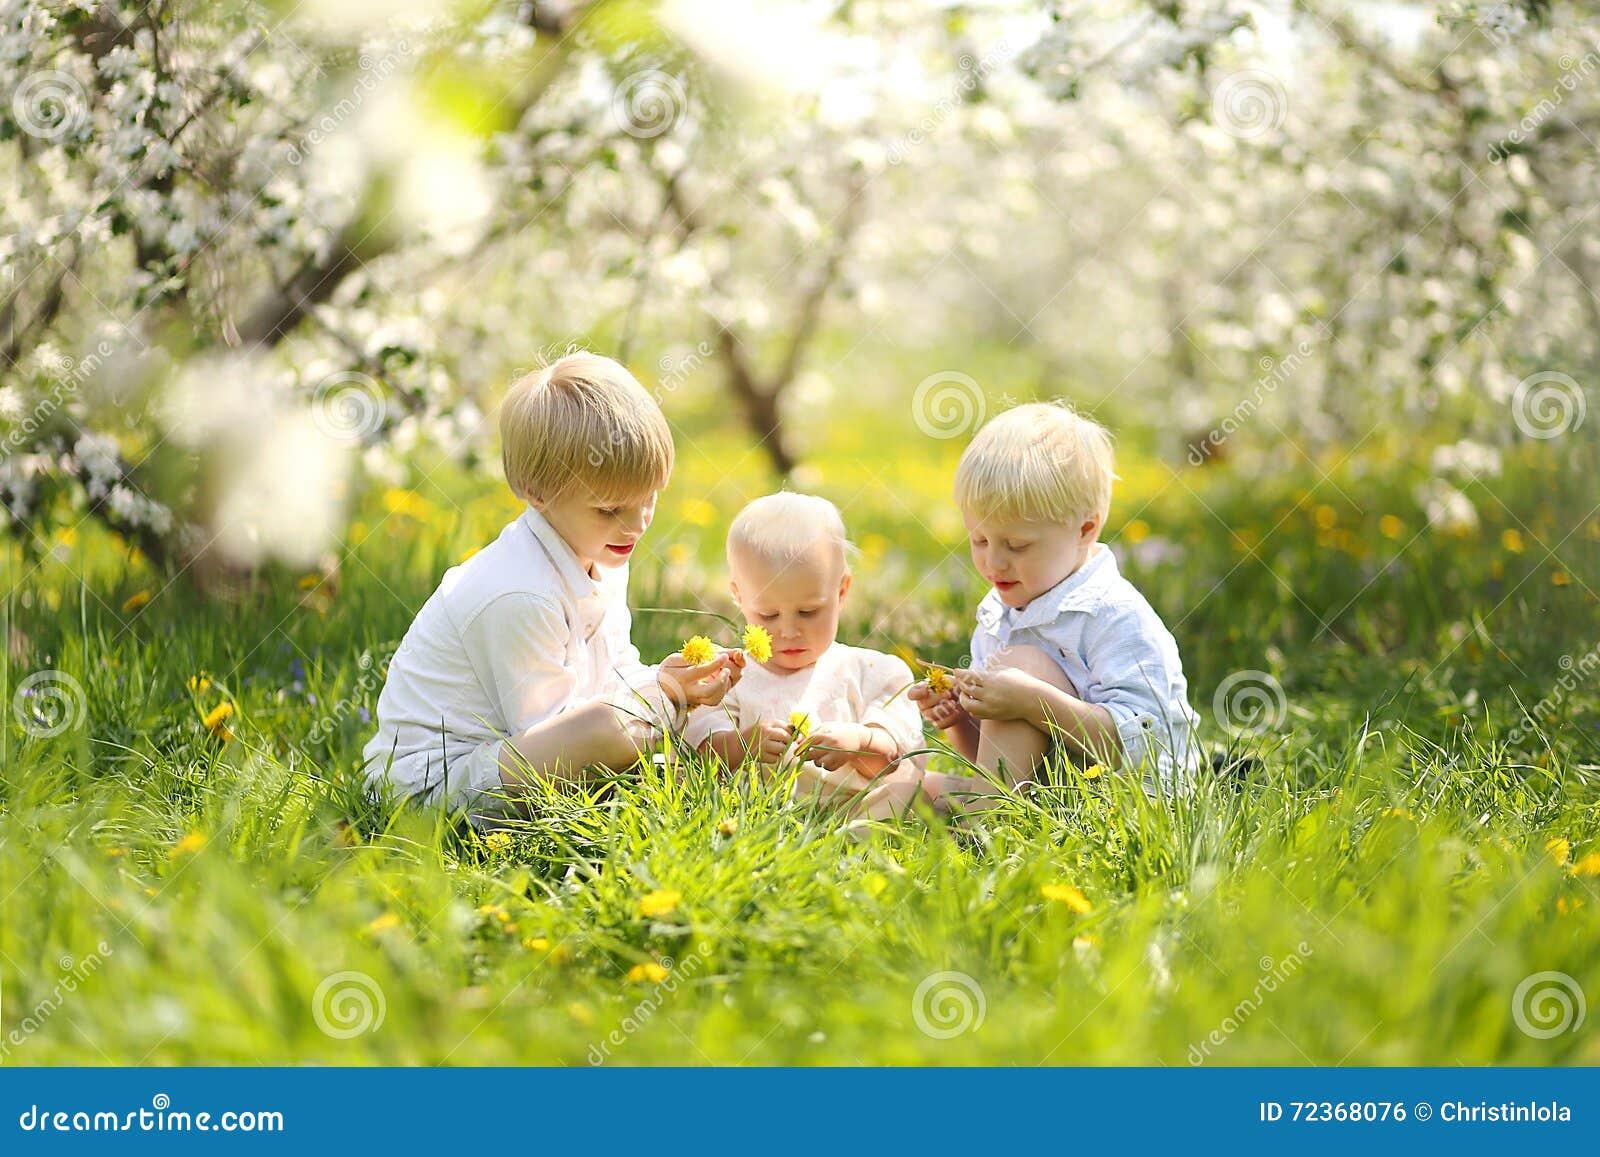 采摘花的三个愉快的小孩在草甸